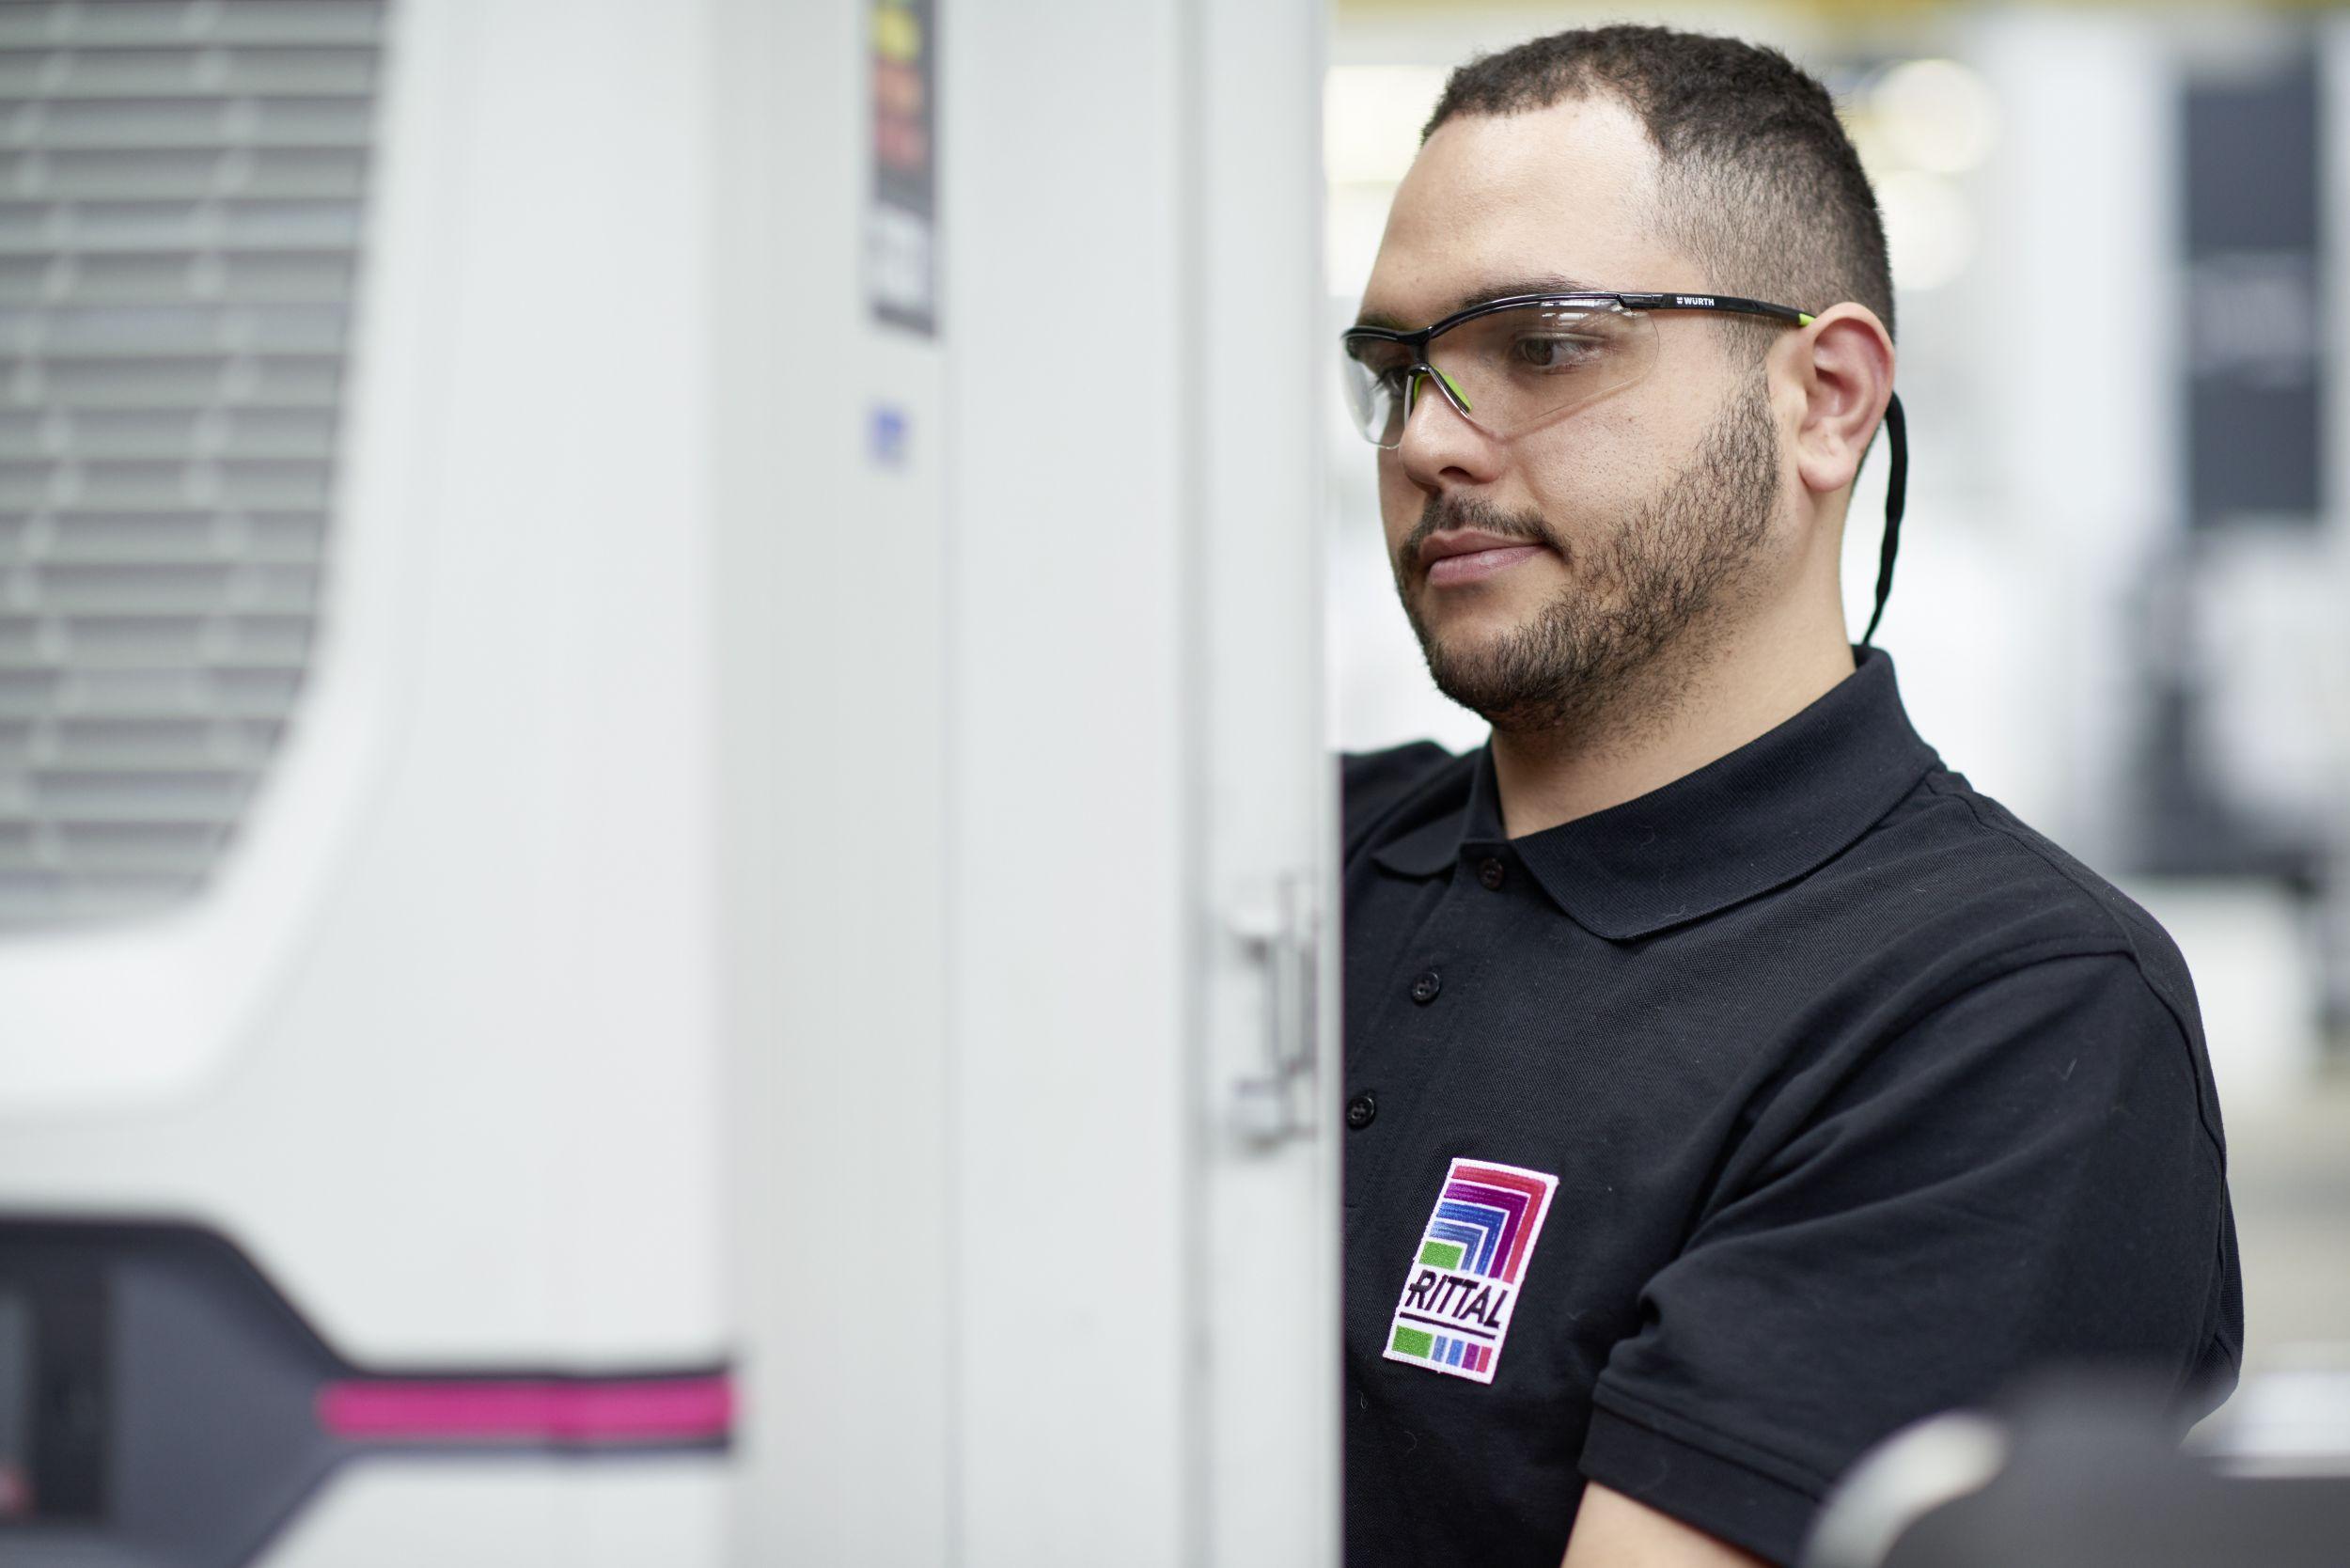 Schaltschrank-Kühlgeräte und Chiller von Rittal sind von den ausgesprochenen Verwendungsverboten nicht betroffen und daher über 2020 hinaus zukunftsfähig. (Bild: Rittal GmbH & Co. KG)